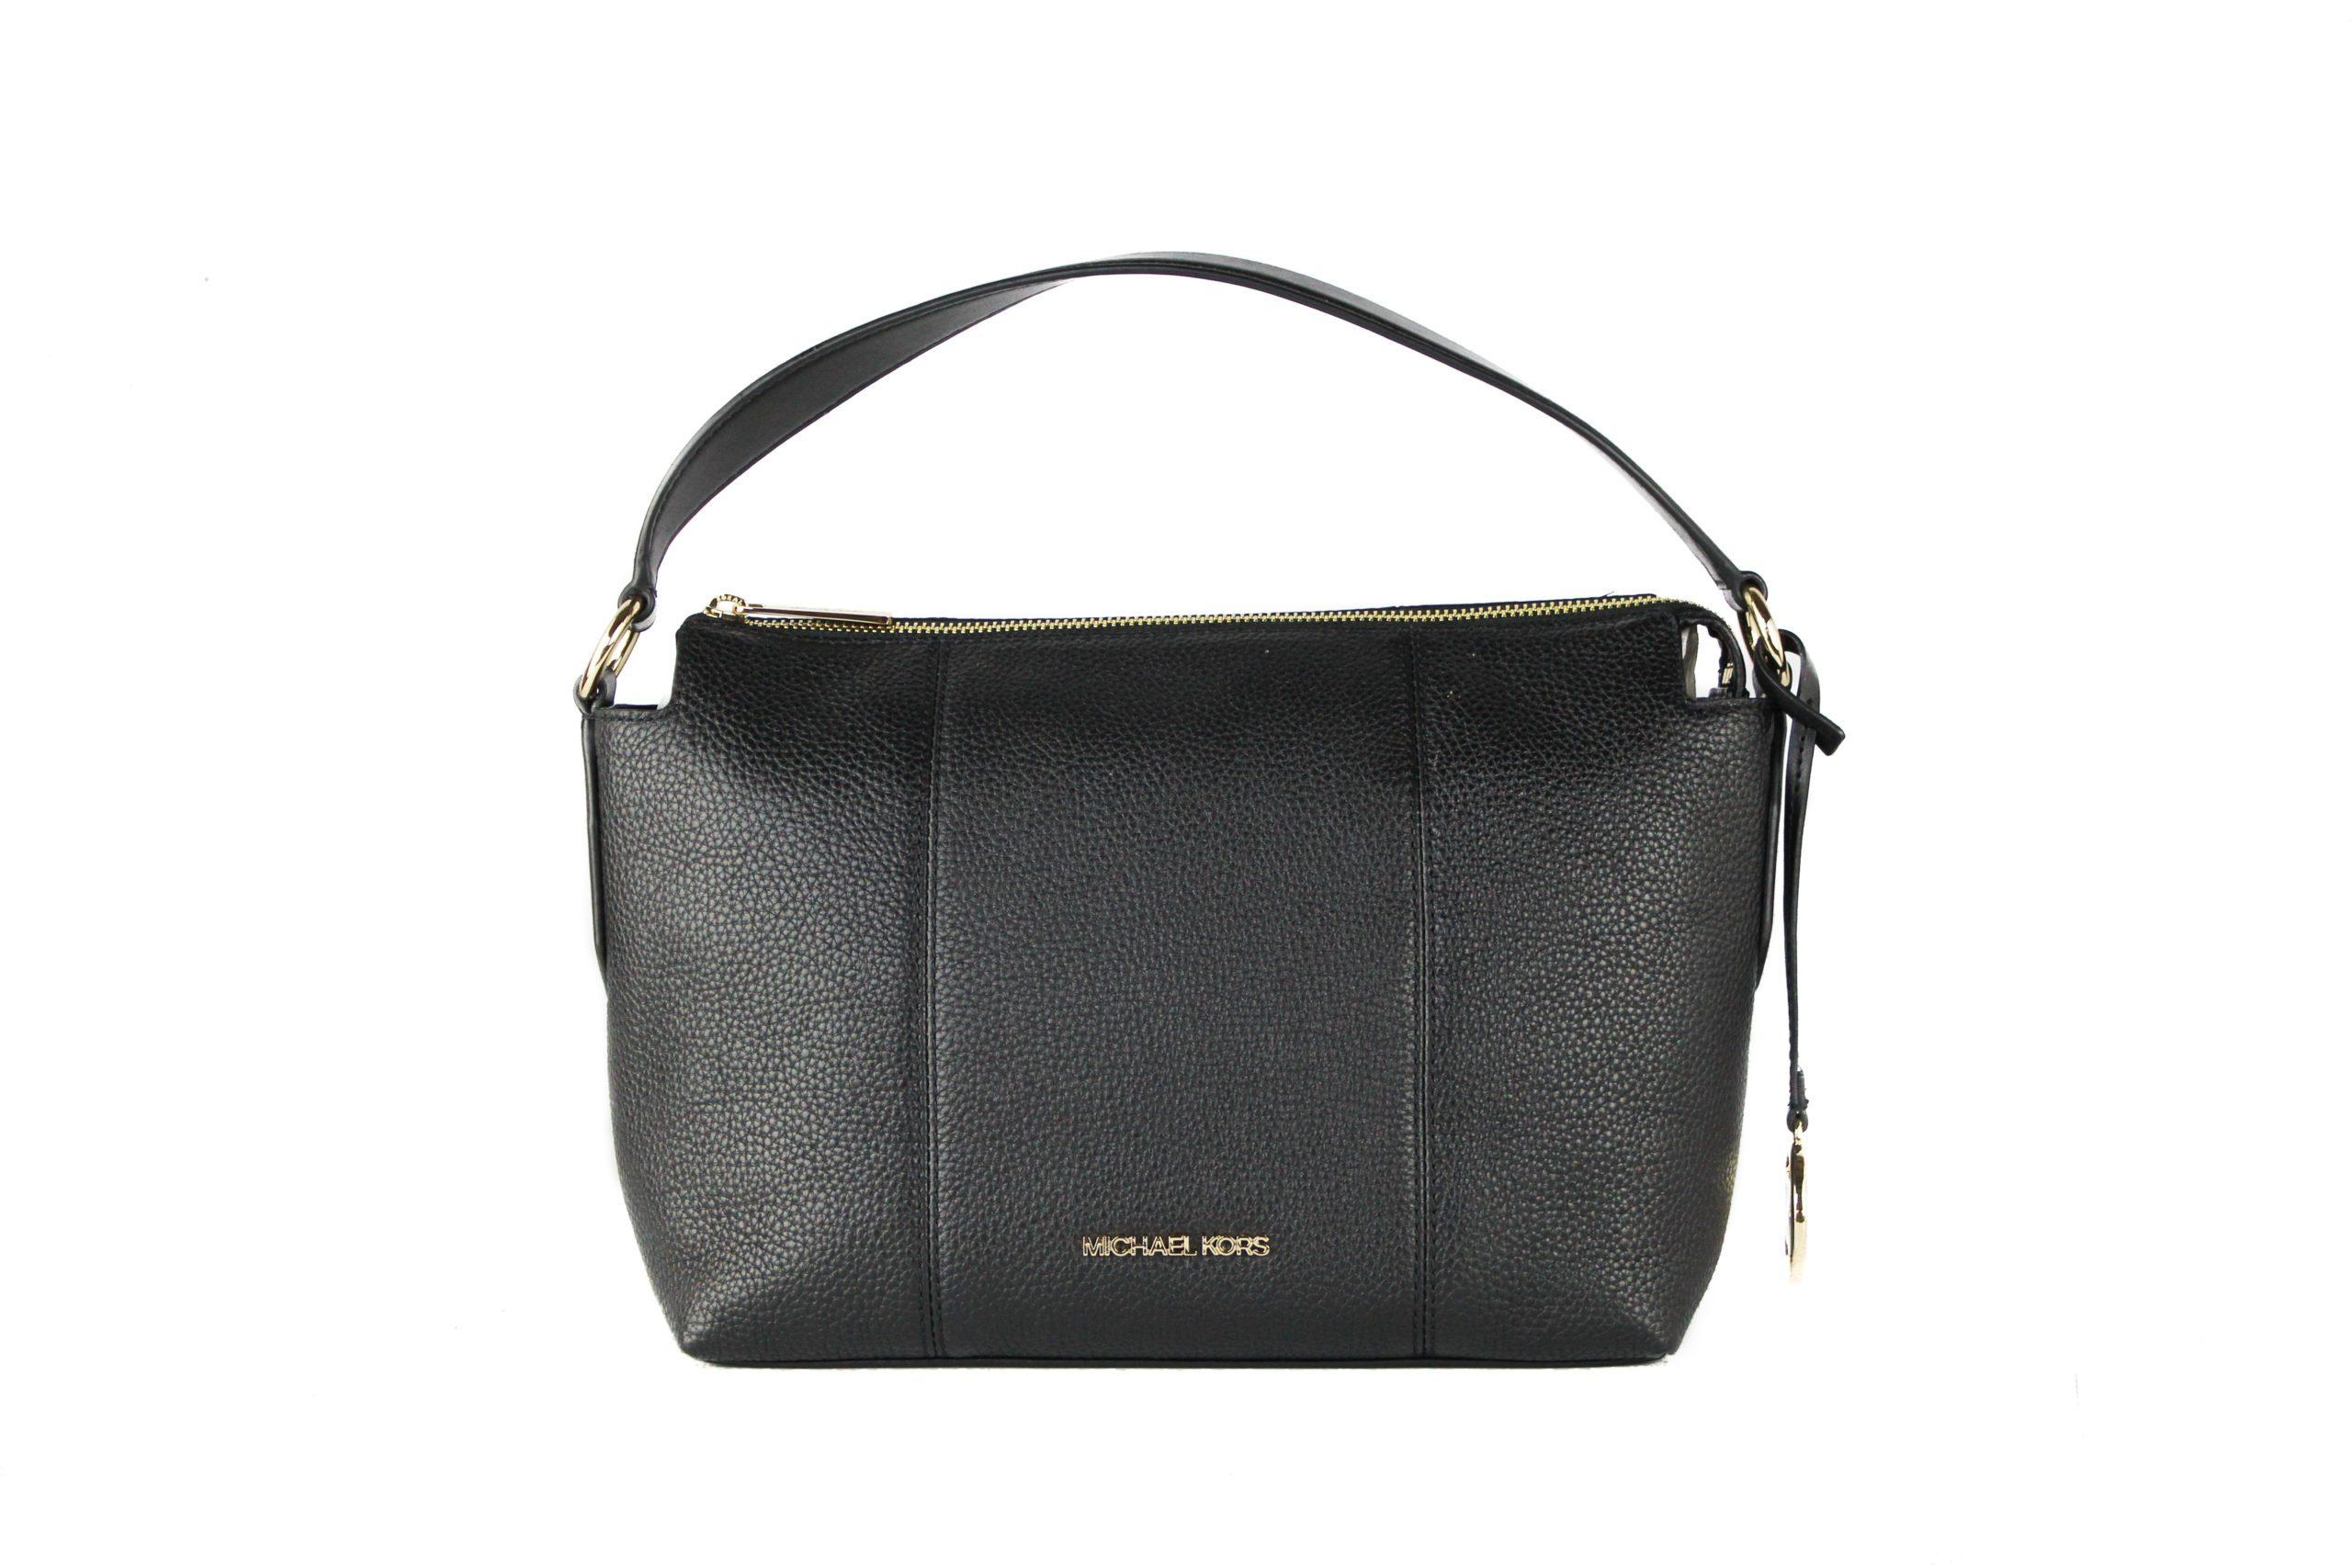 Michael Kors Women's Brooke Shoulder Bag Black 21859